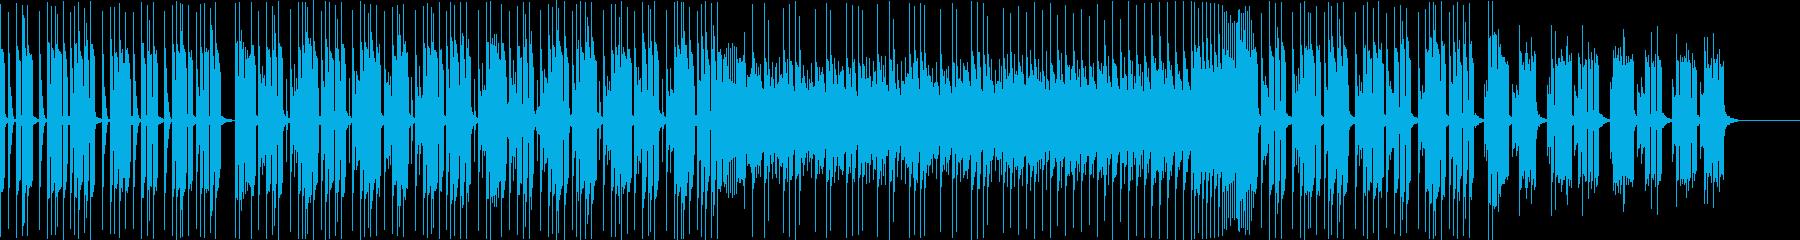 お洒落・企業VPFutureBass bの再生済みの波形